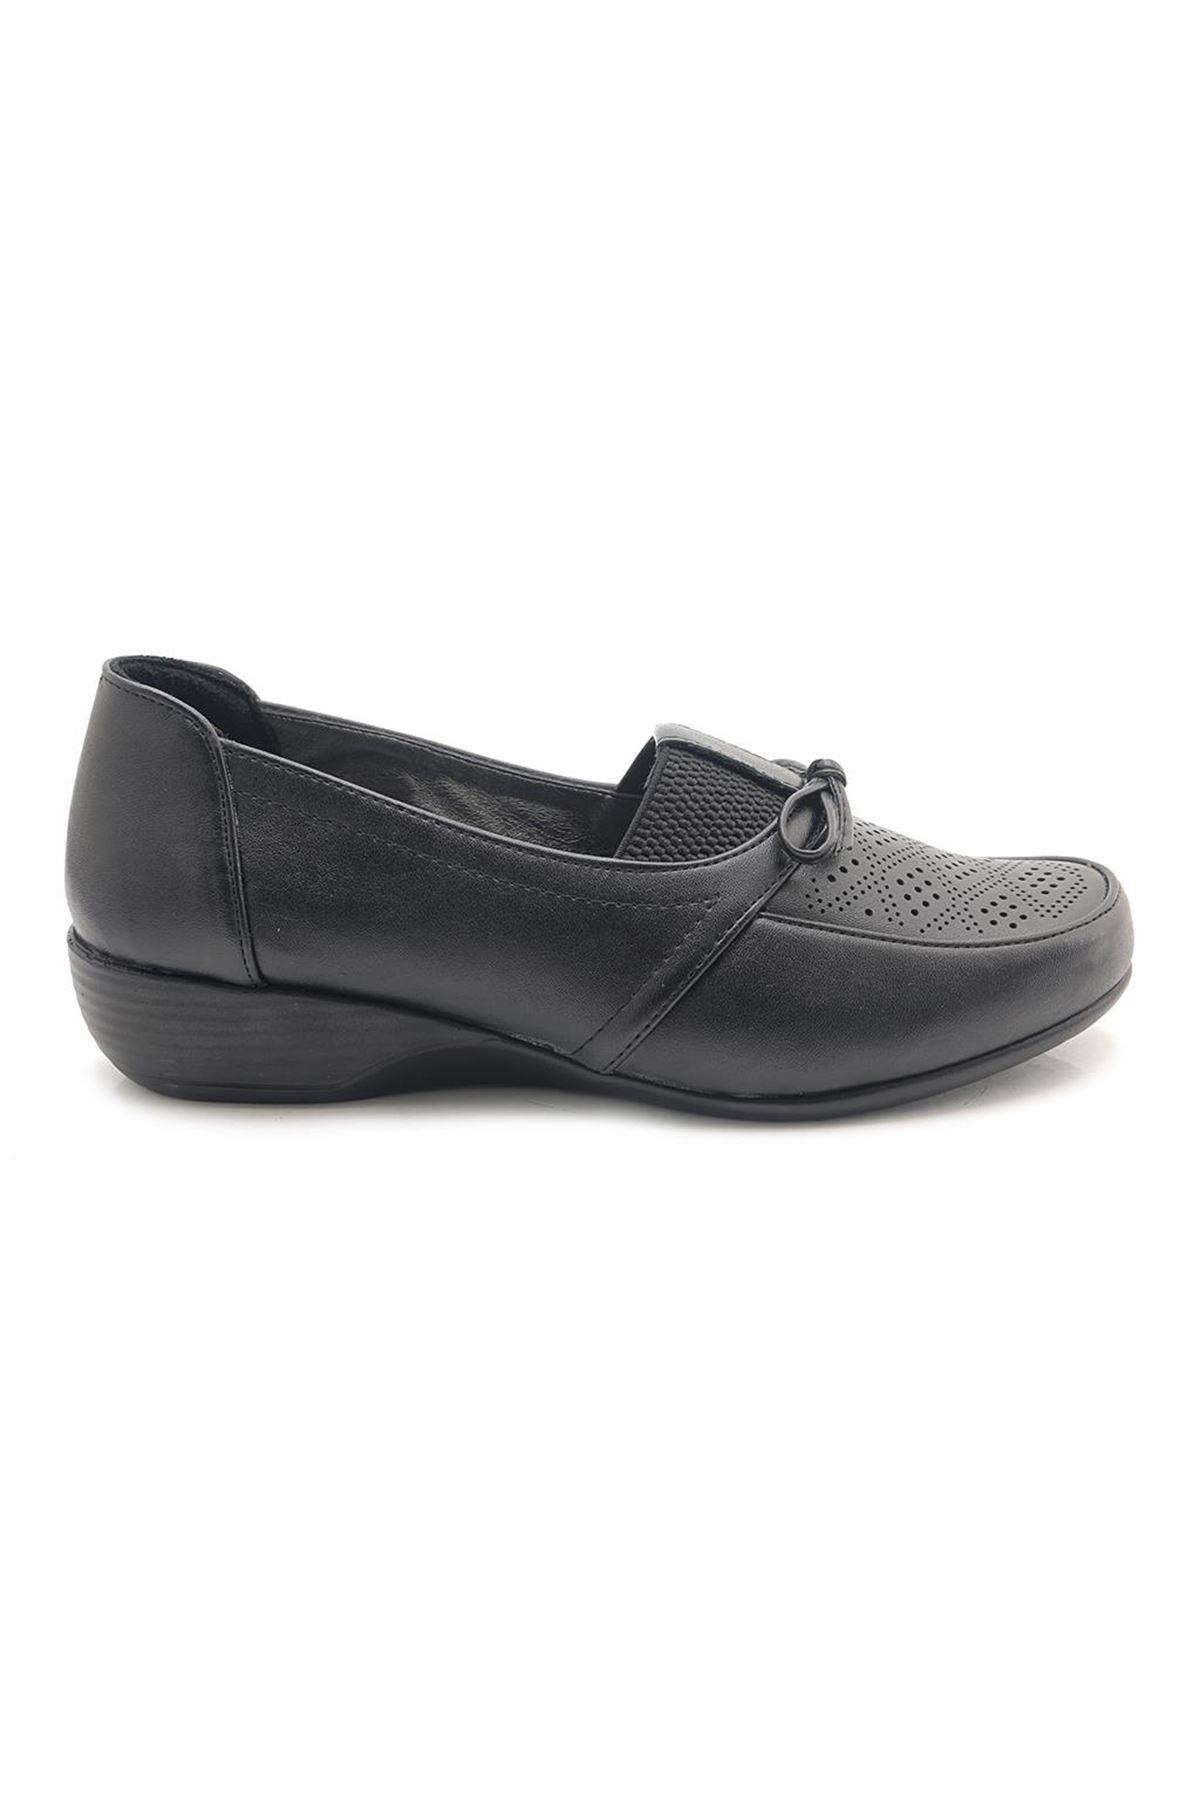 Polaris 313002 Comfort Günlük Kadın Ayakkabı